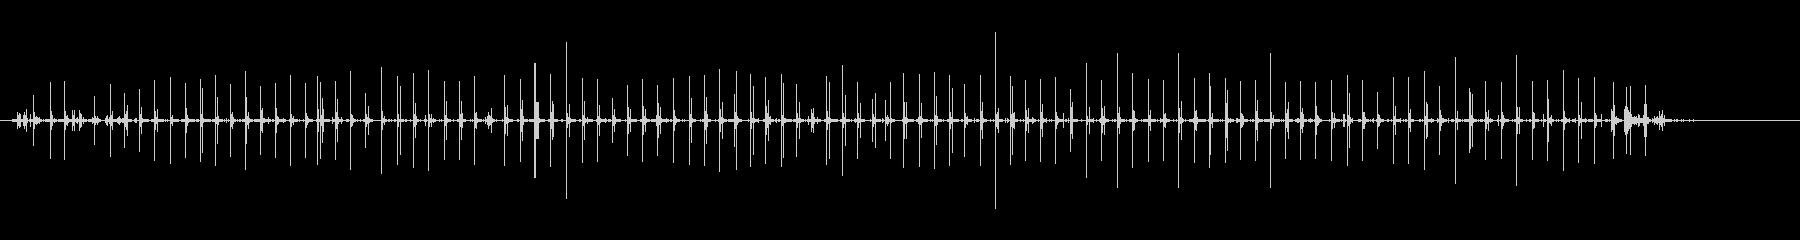 手順-木製の表面-屋外-男性-継続...の未再生の波形